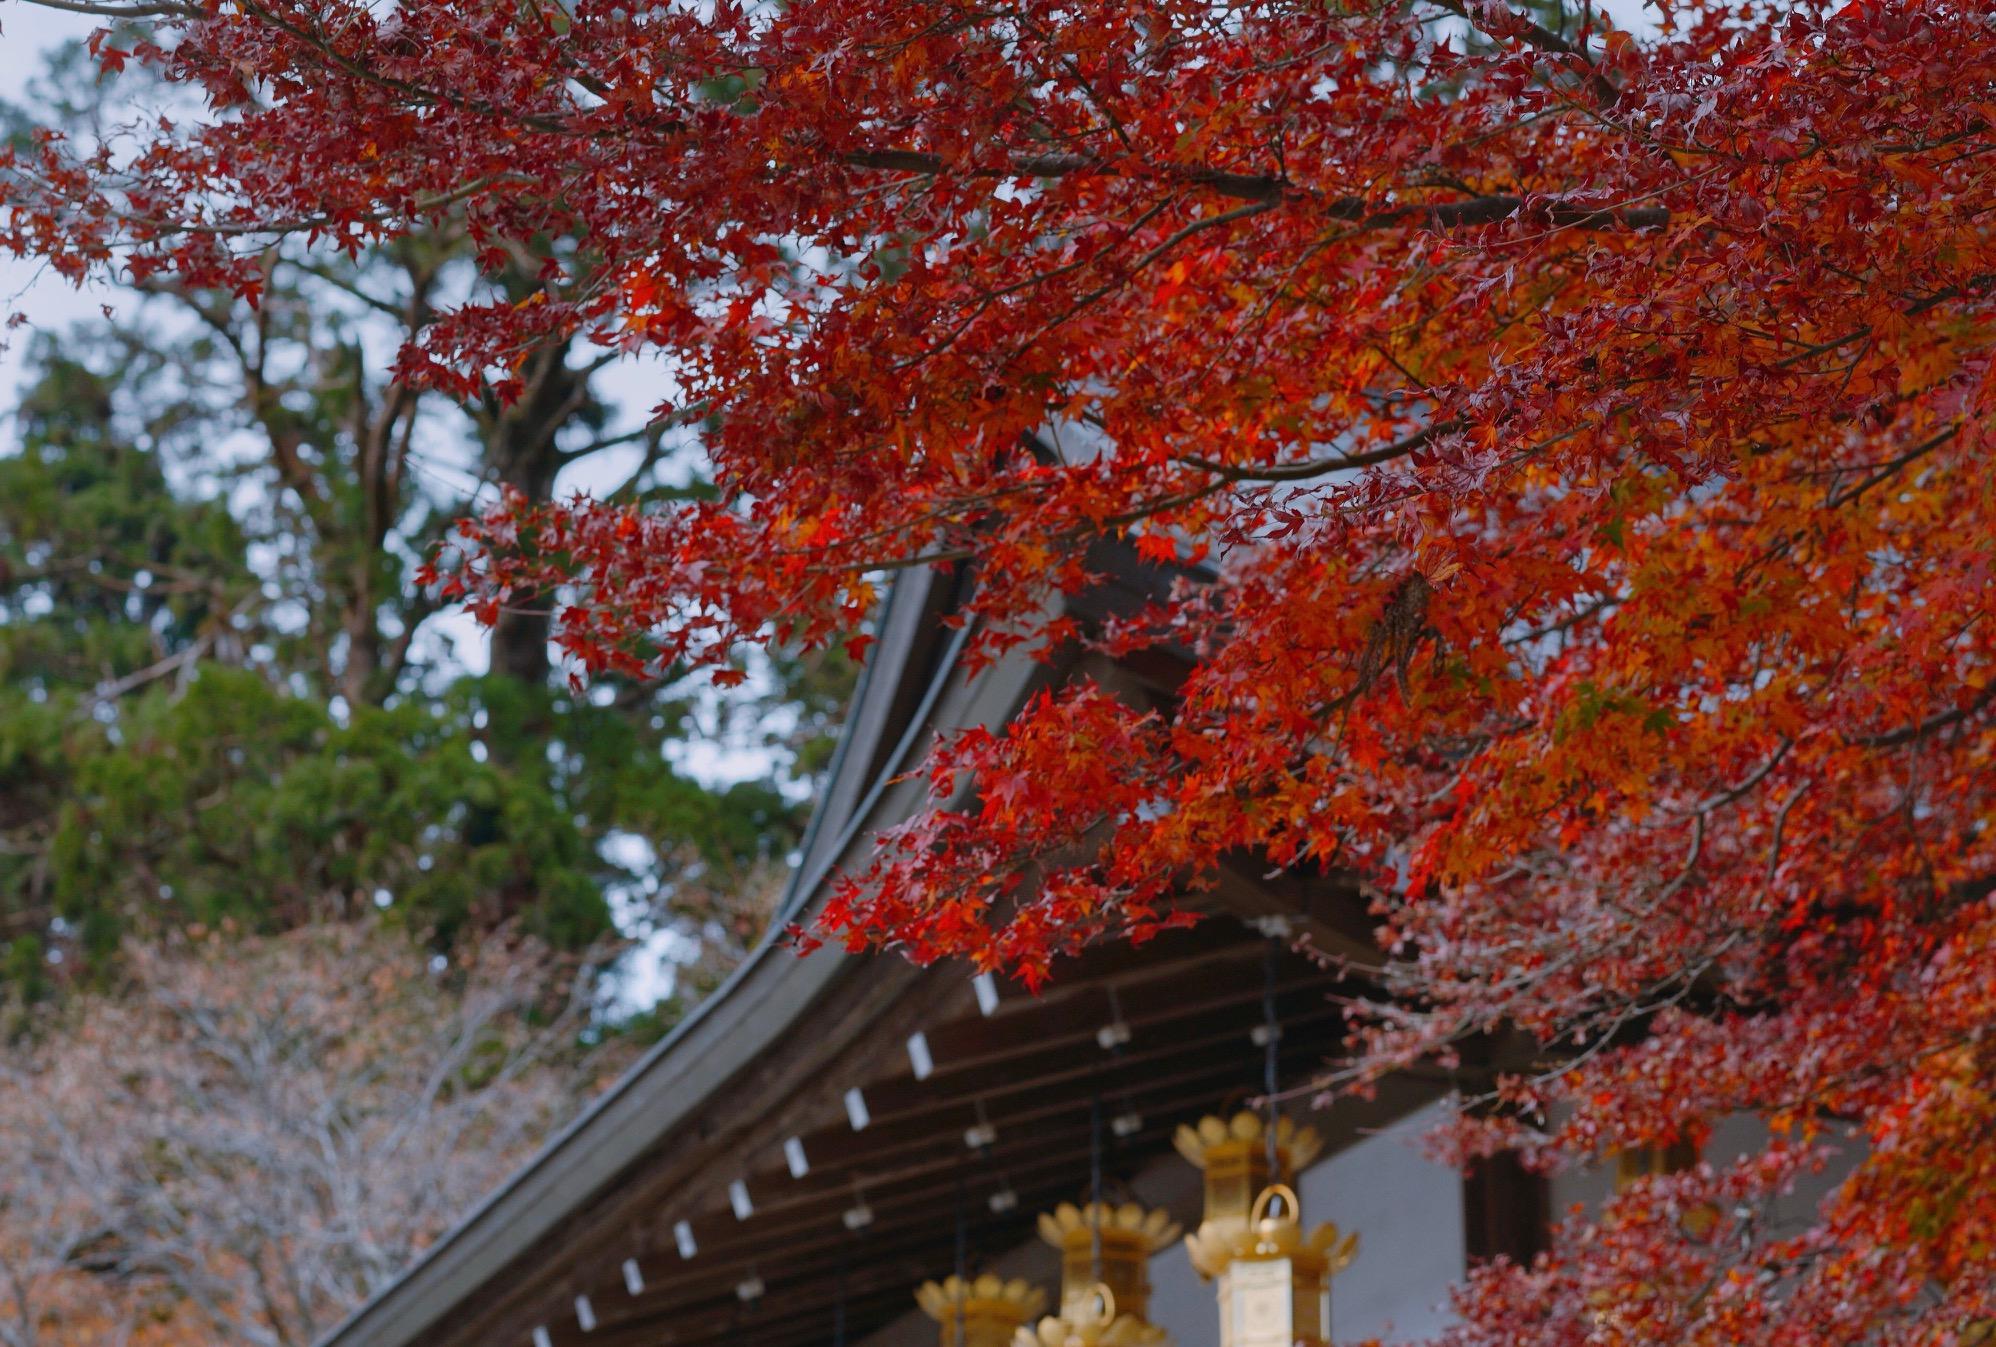 Mountain Hiei, hiking and enjoying autumn ...